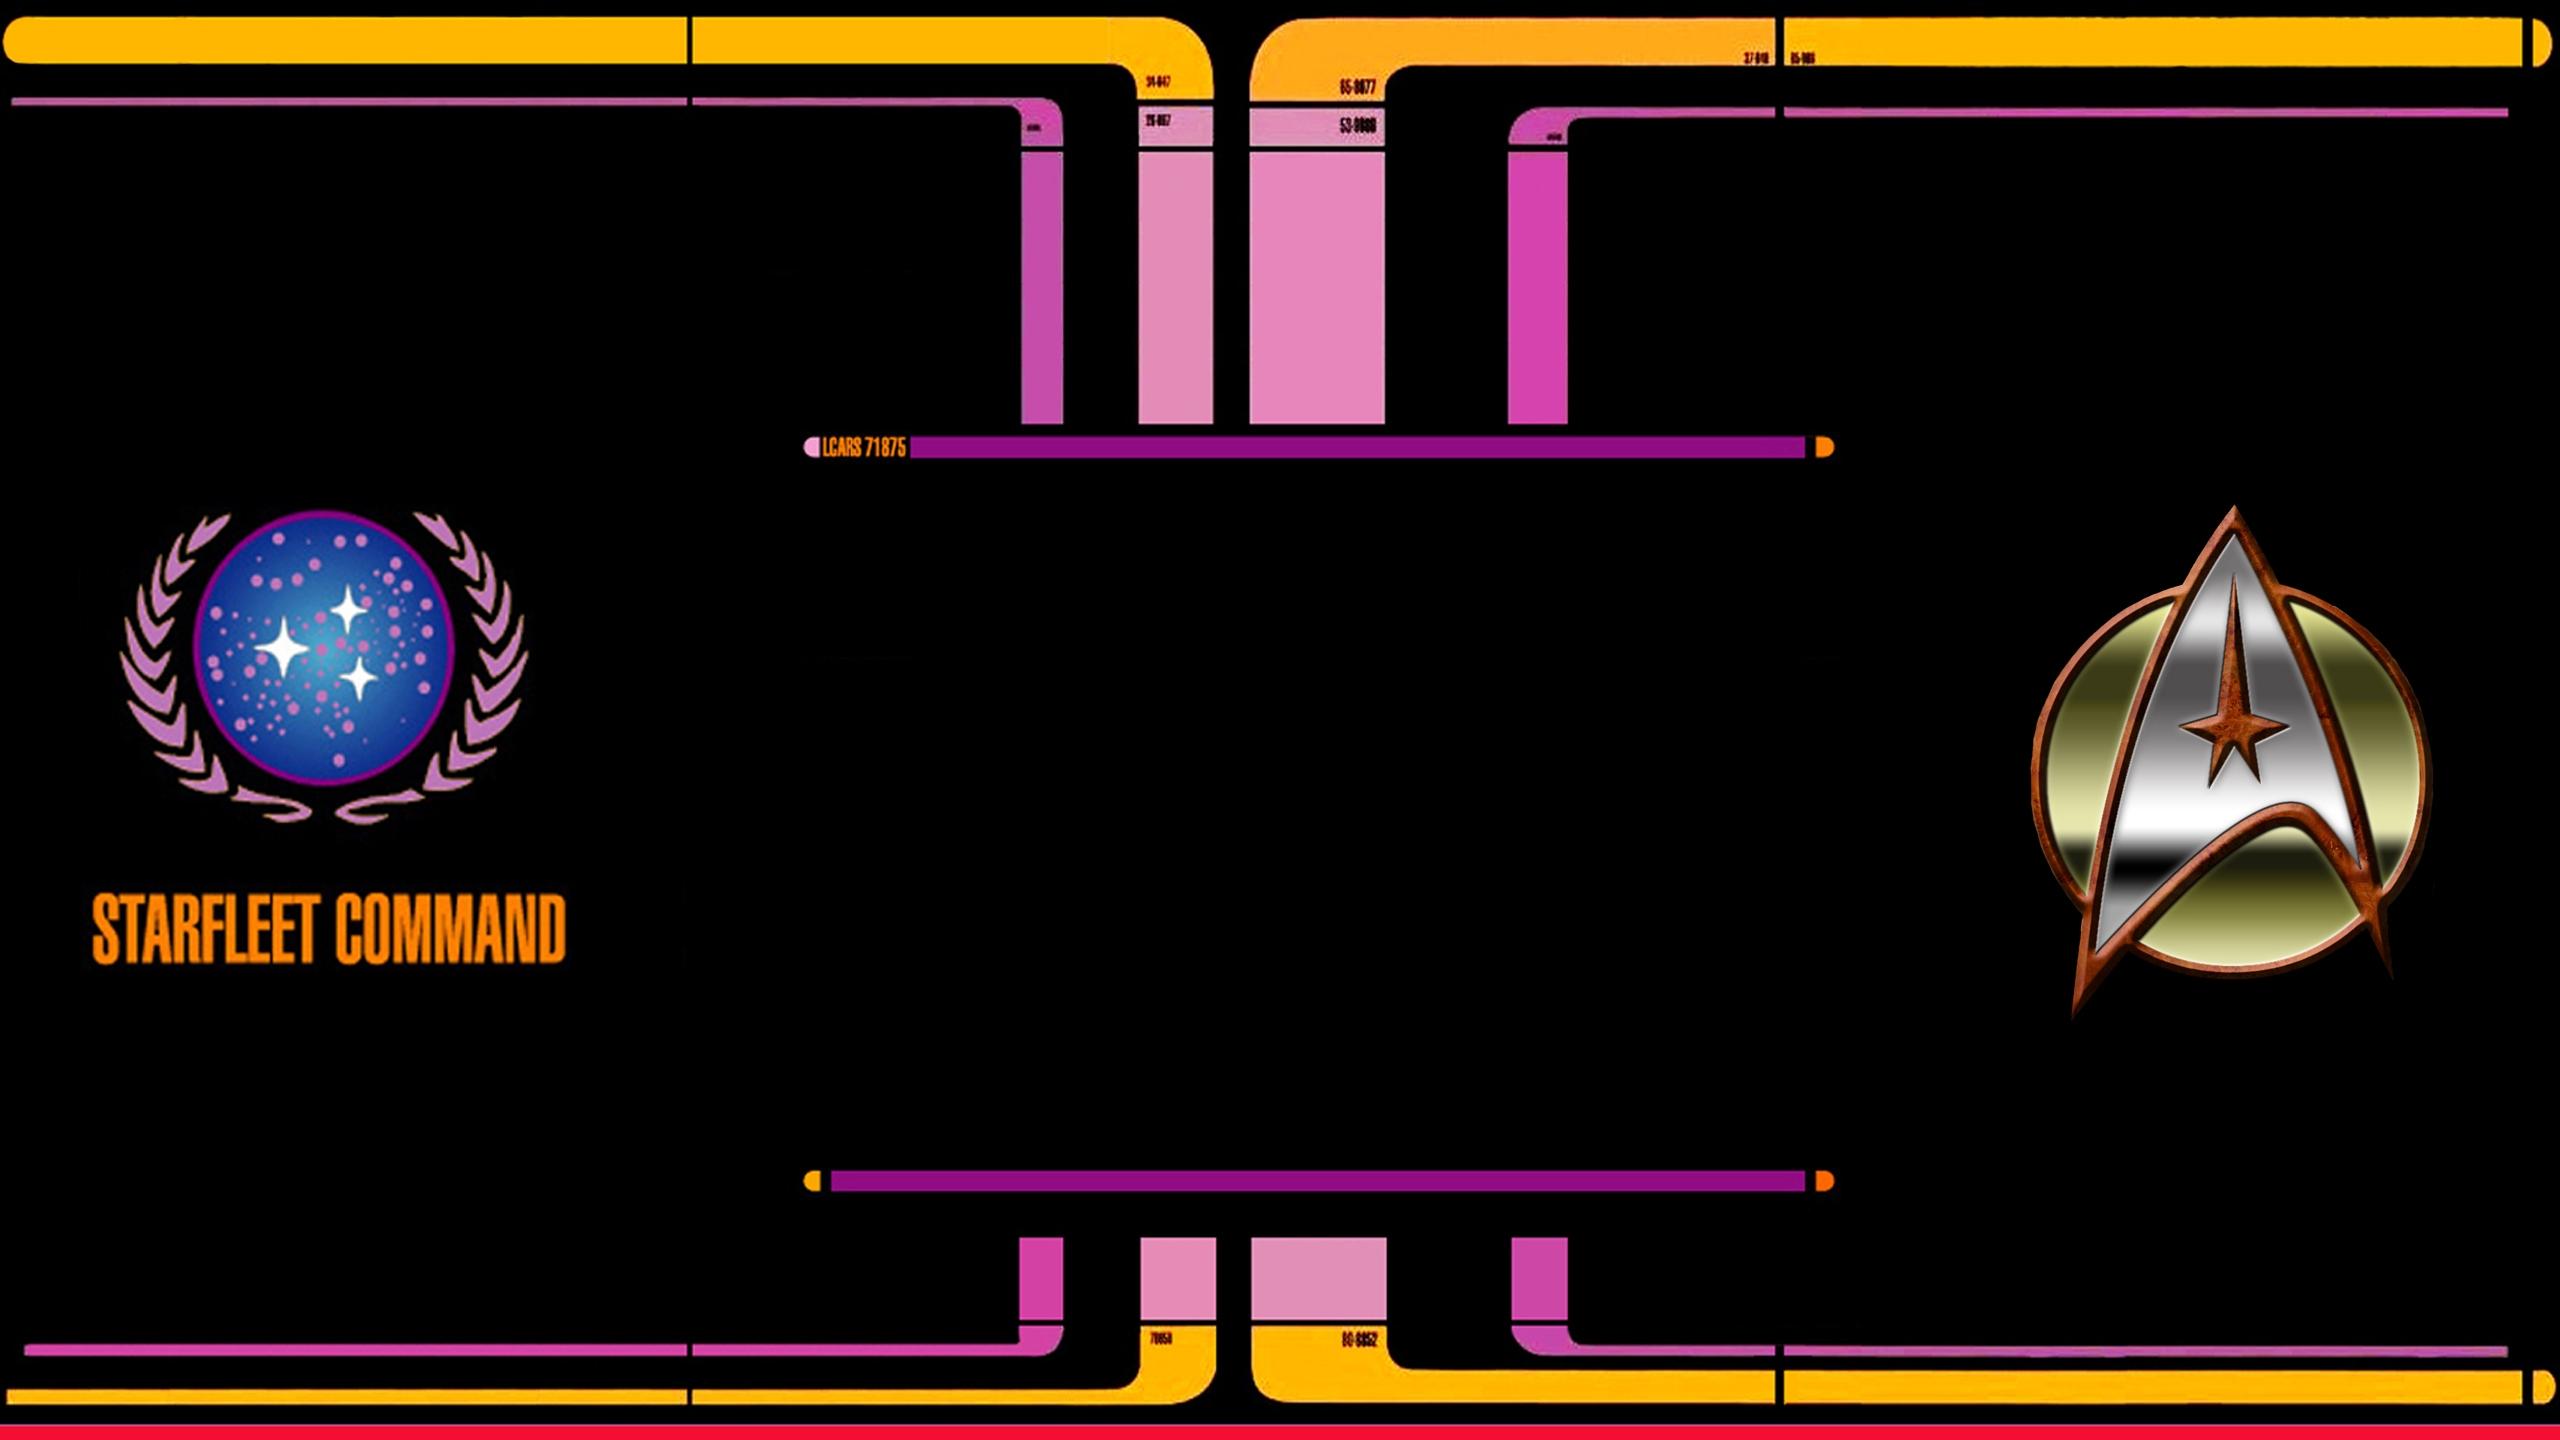 Star Trek Hd Wallpaper Background Image 2560x1440 Id 291883